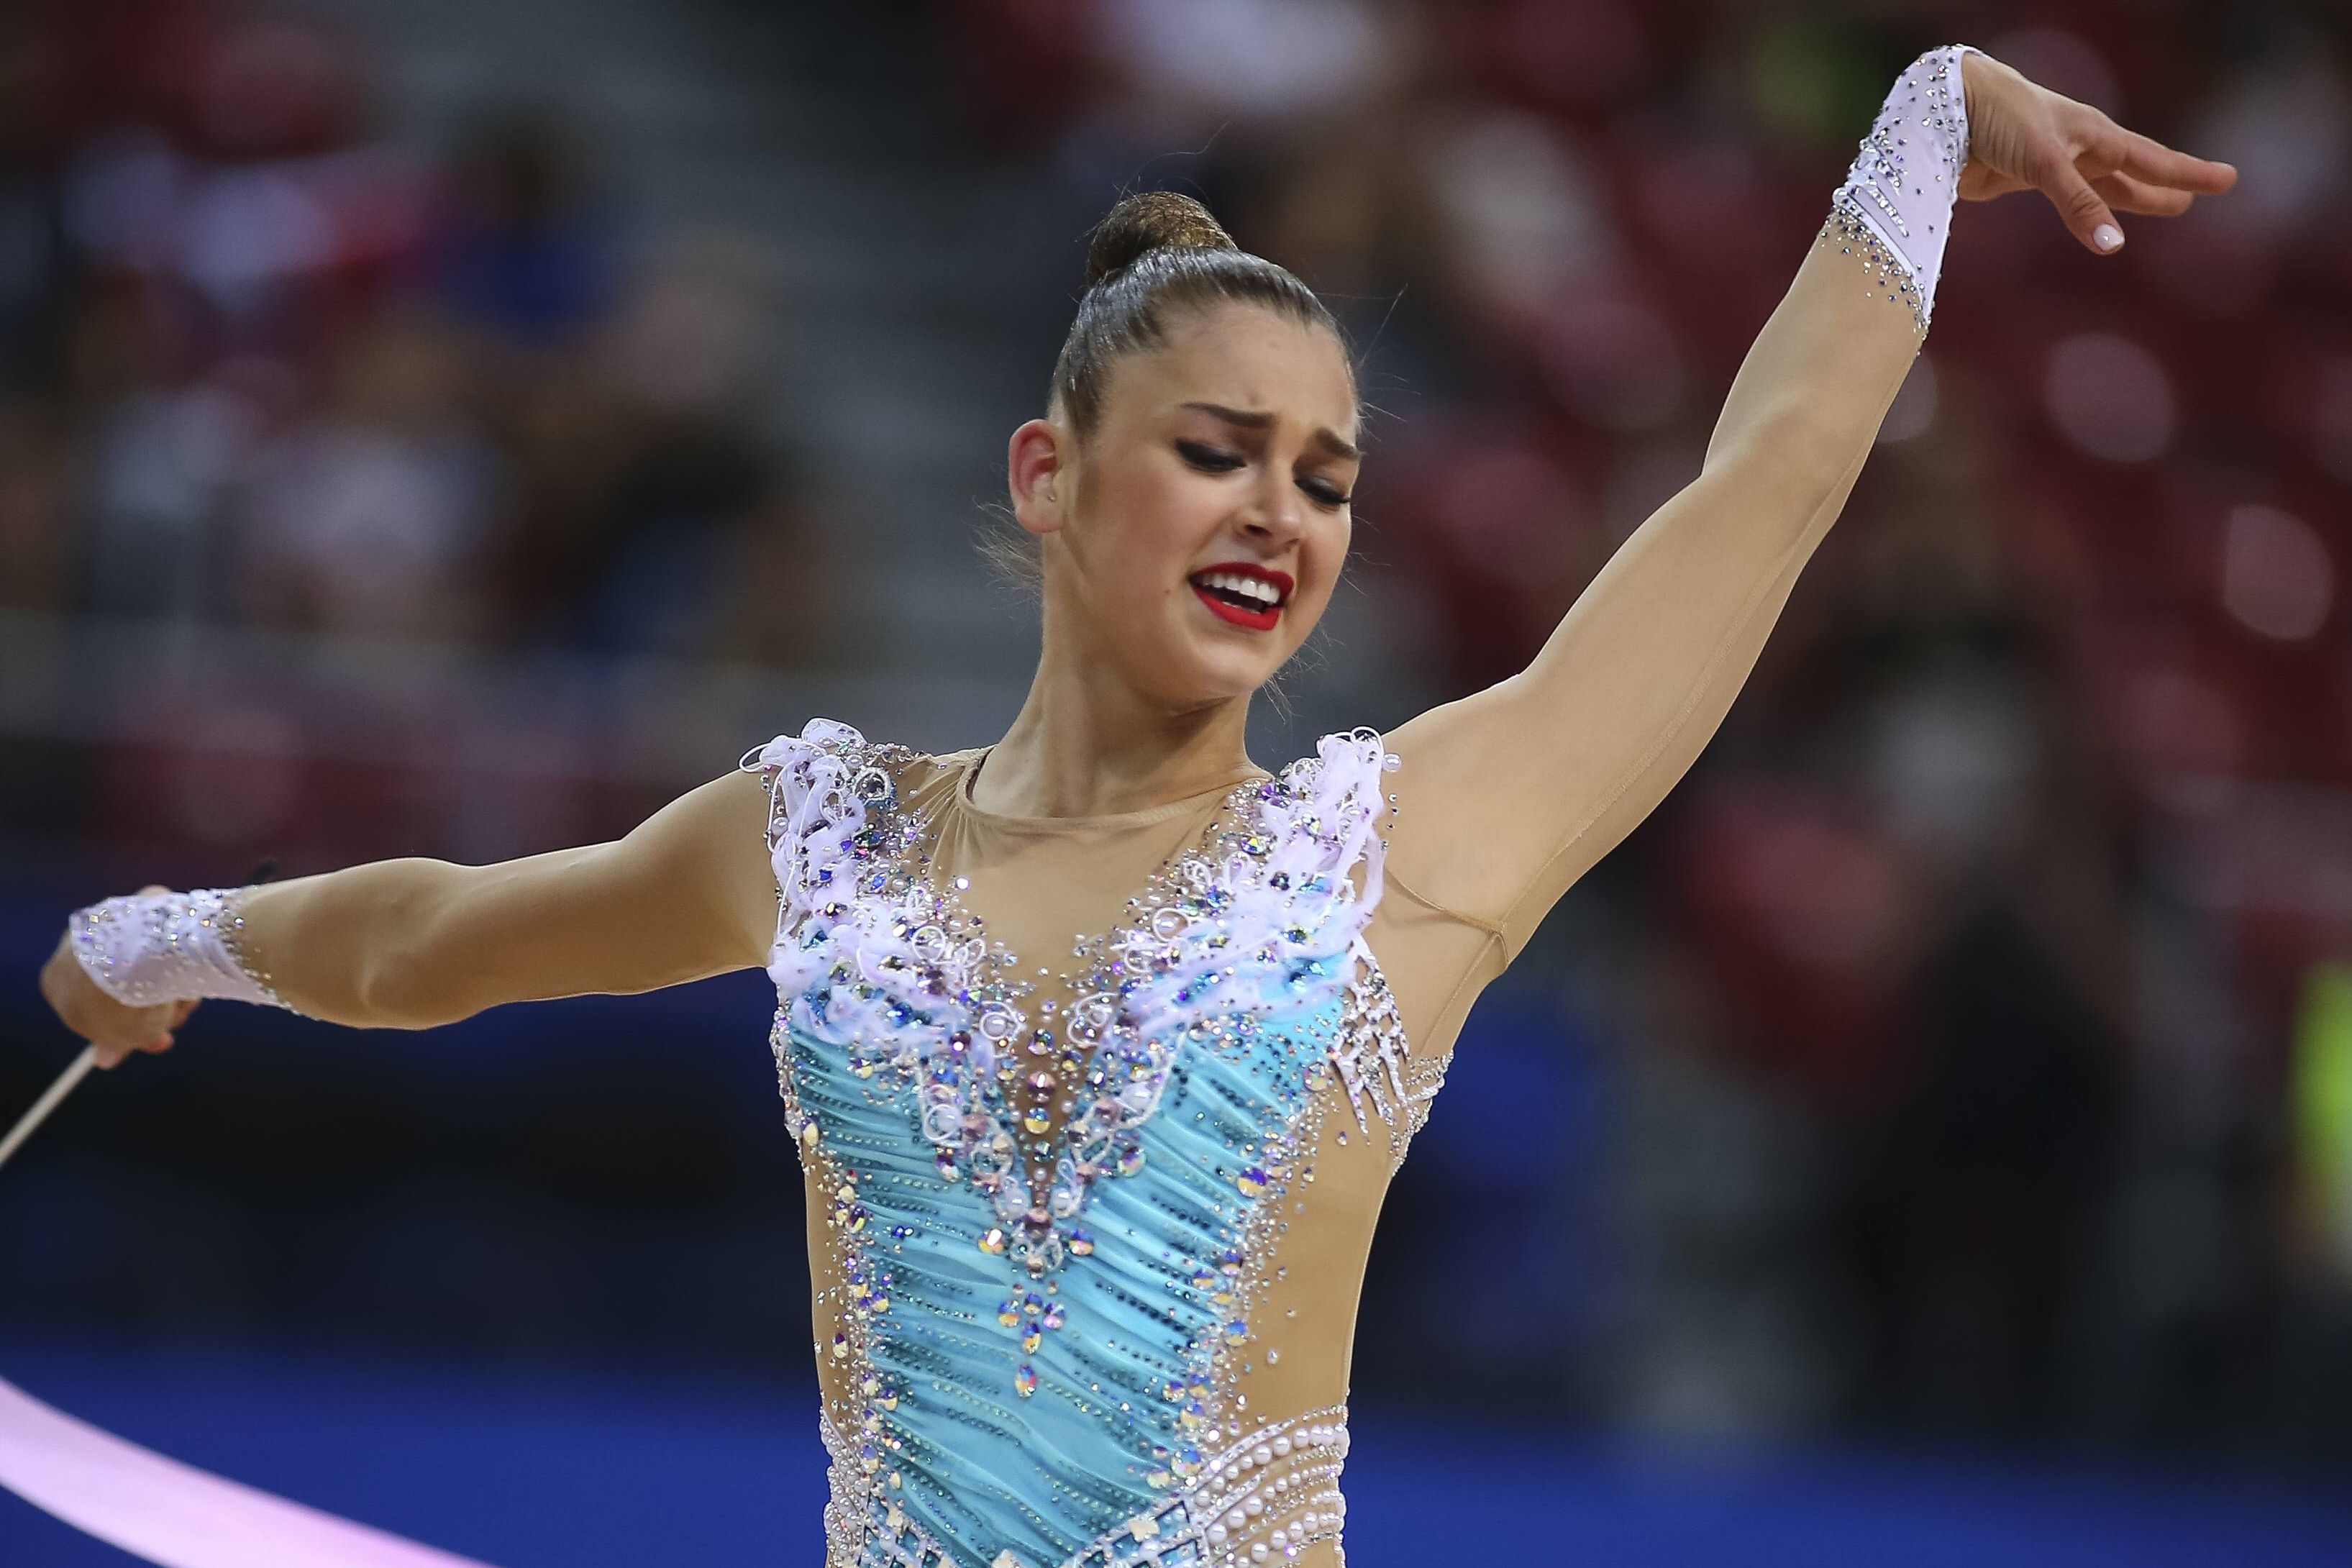 Солдатова опубликовала пост о совмещении учёбы и спорта